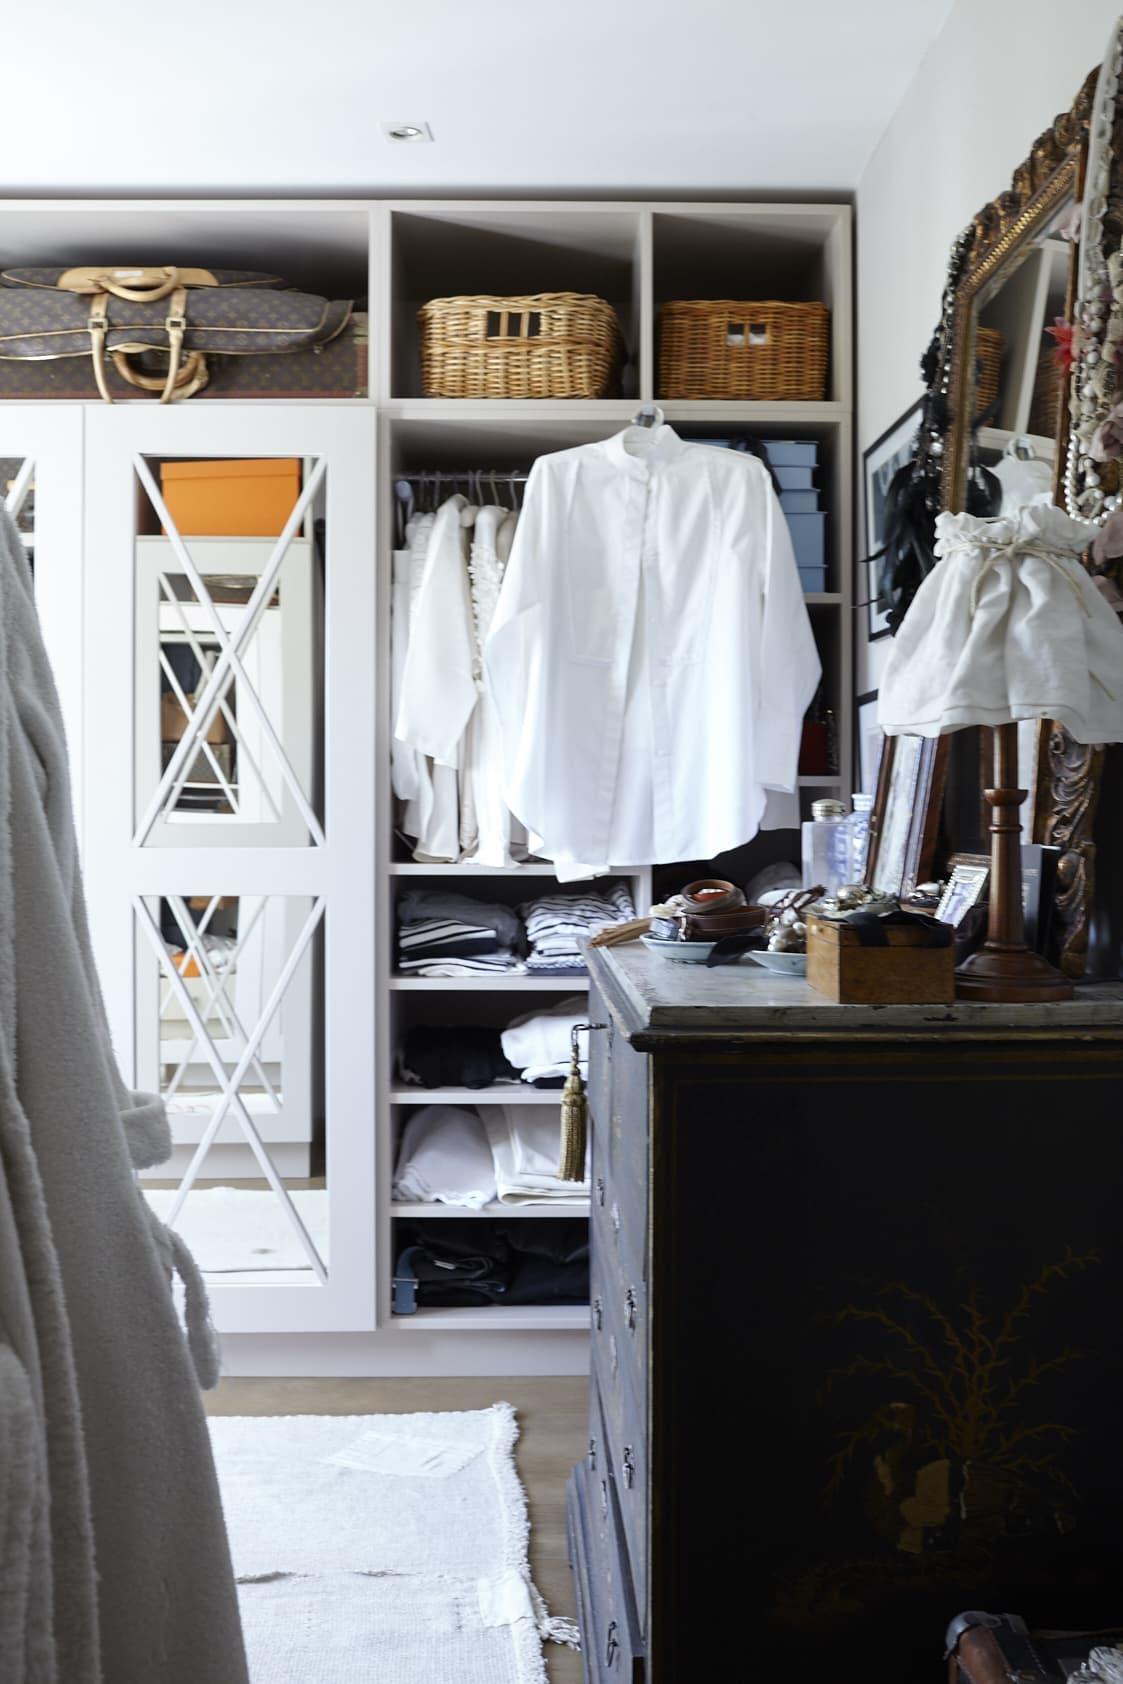 Annas dressingroom har platsbyggda hyllor och skåp som hon själv har designat. Den slitna, kinesiska lackbyrån är inropad på auktion.